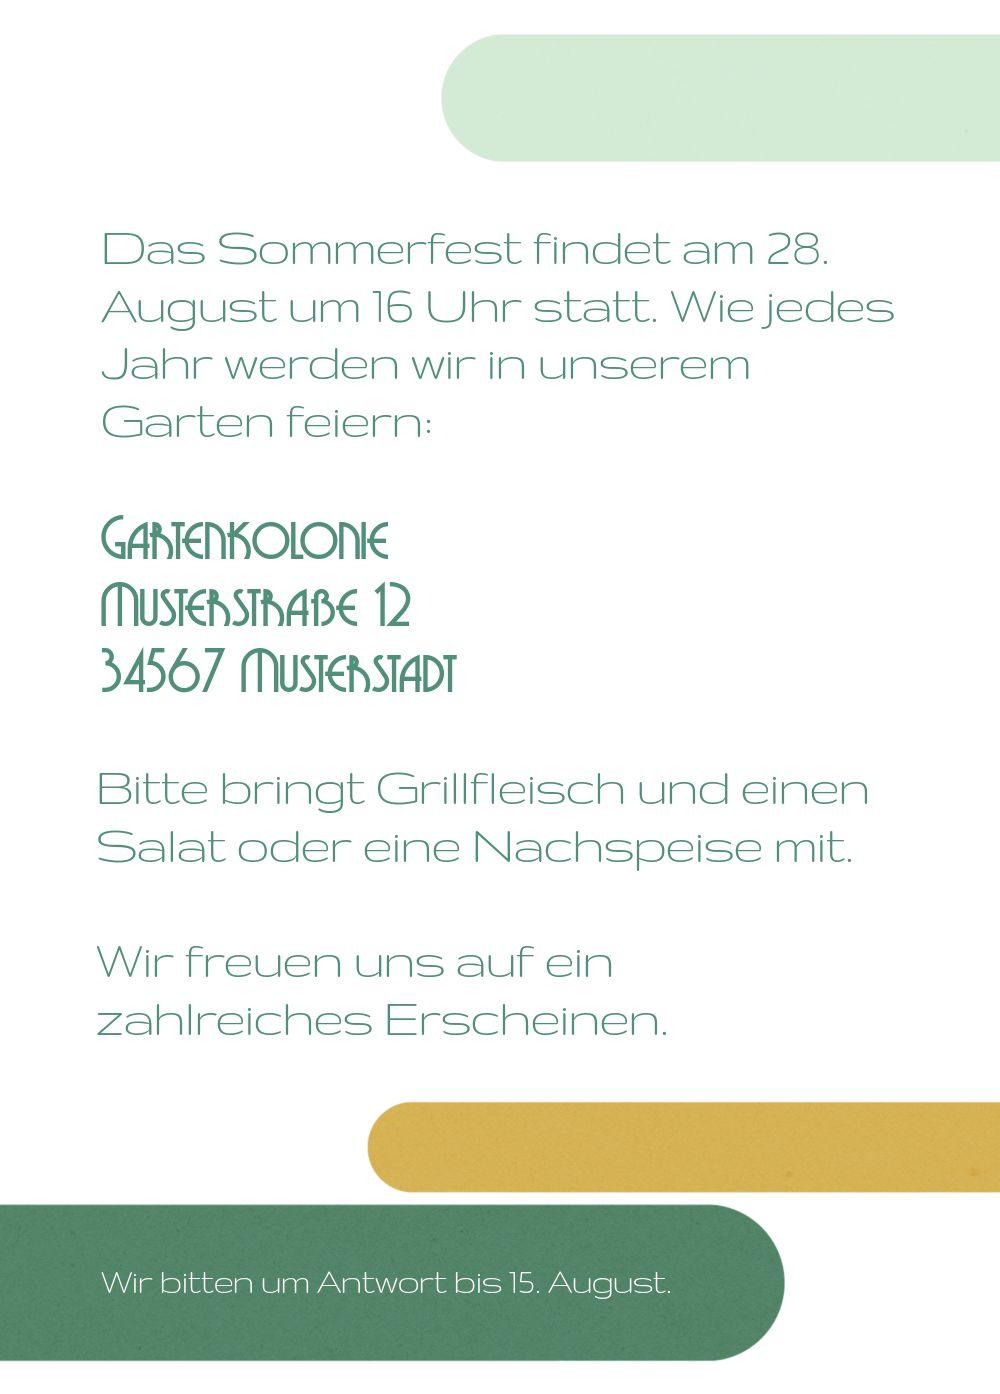 Ansicht 3 - Einladung Sommerfest Sommerflair